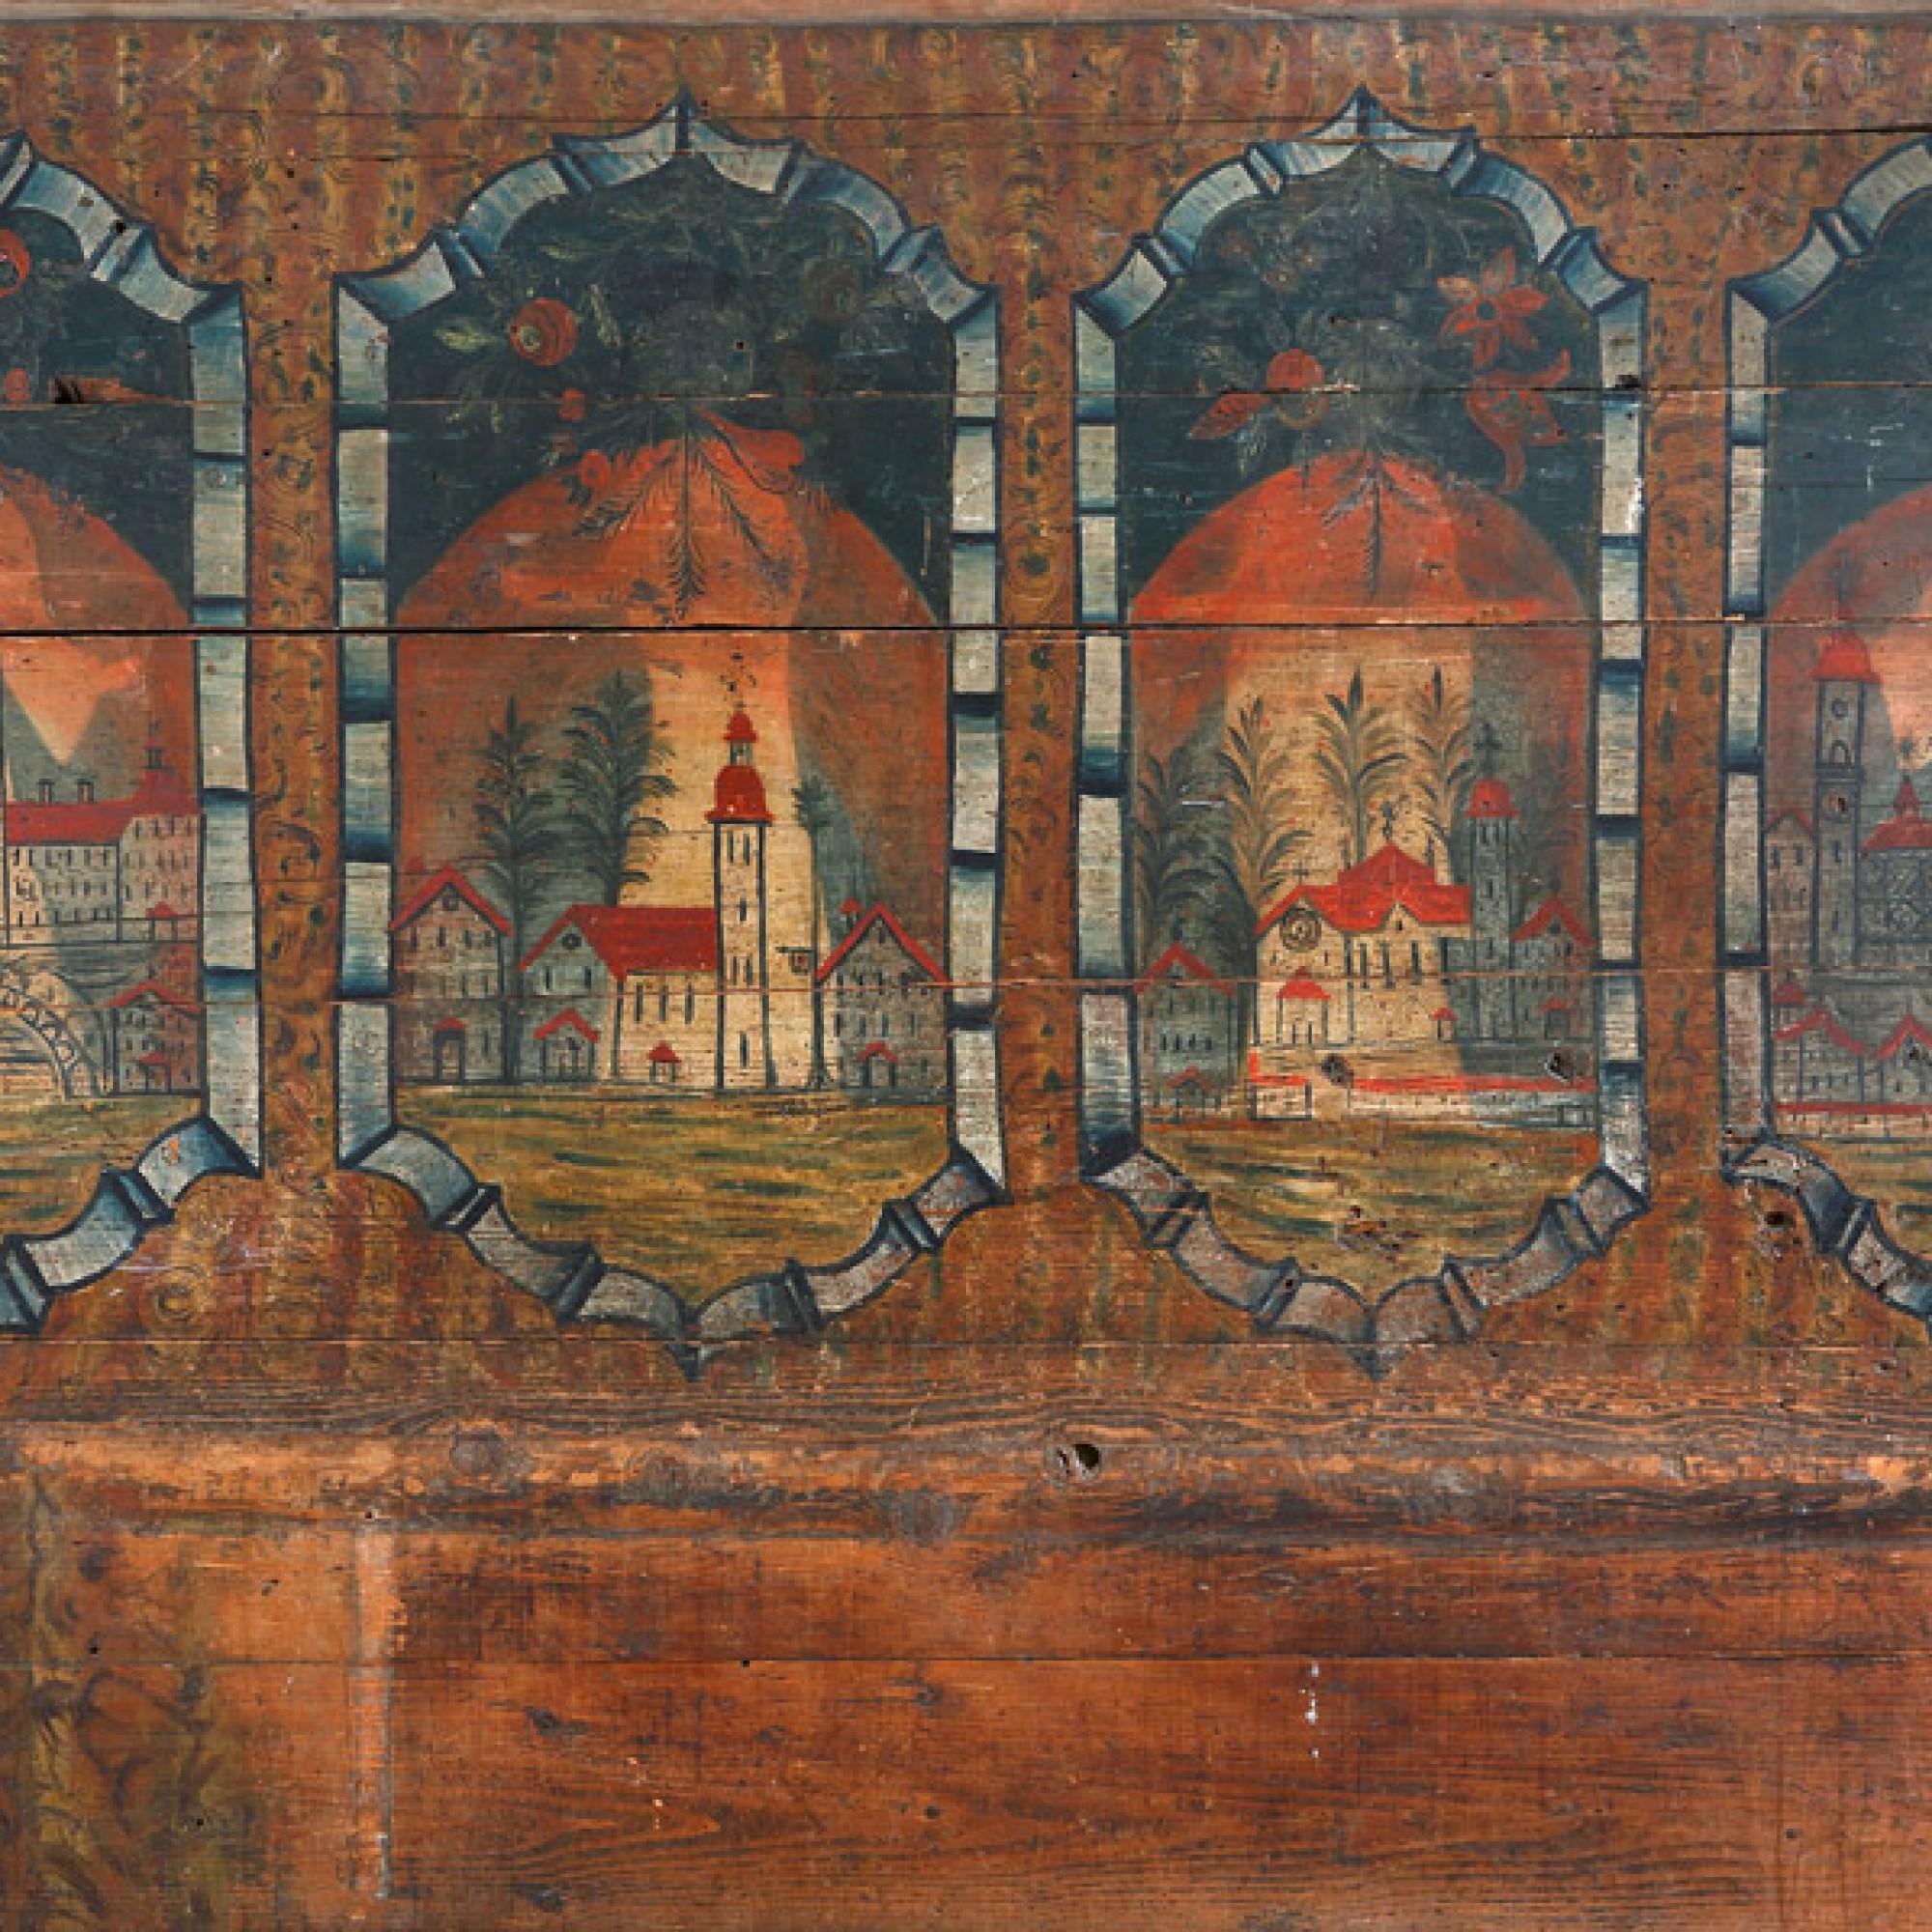 Bemalte Bohlenwand aus einem Bauernhaus in Waldkirch SG Ende 18. Jahrhundert Kunstmuseum St.Gallen. (Stefan Rohner)